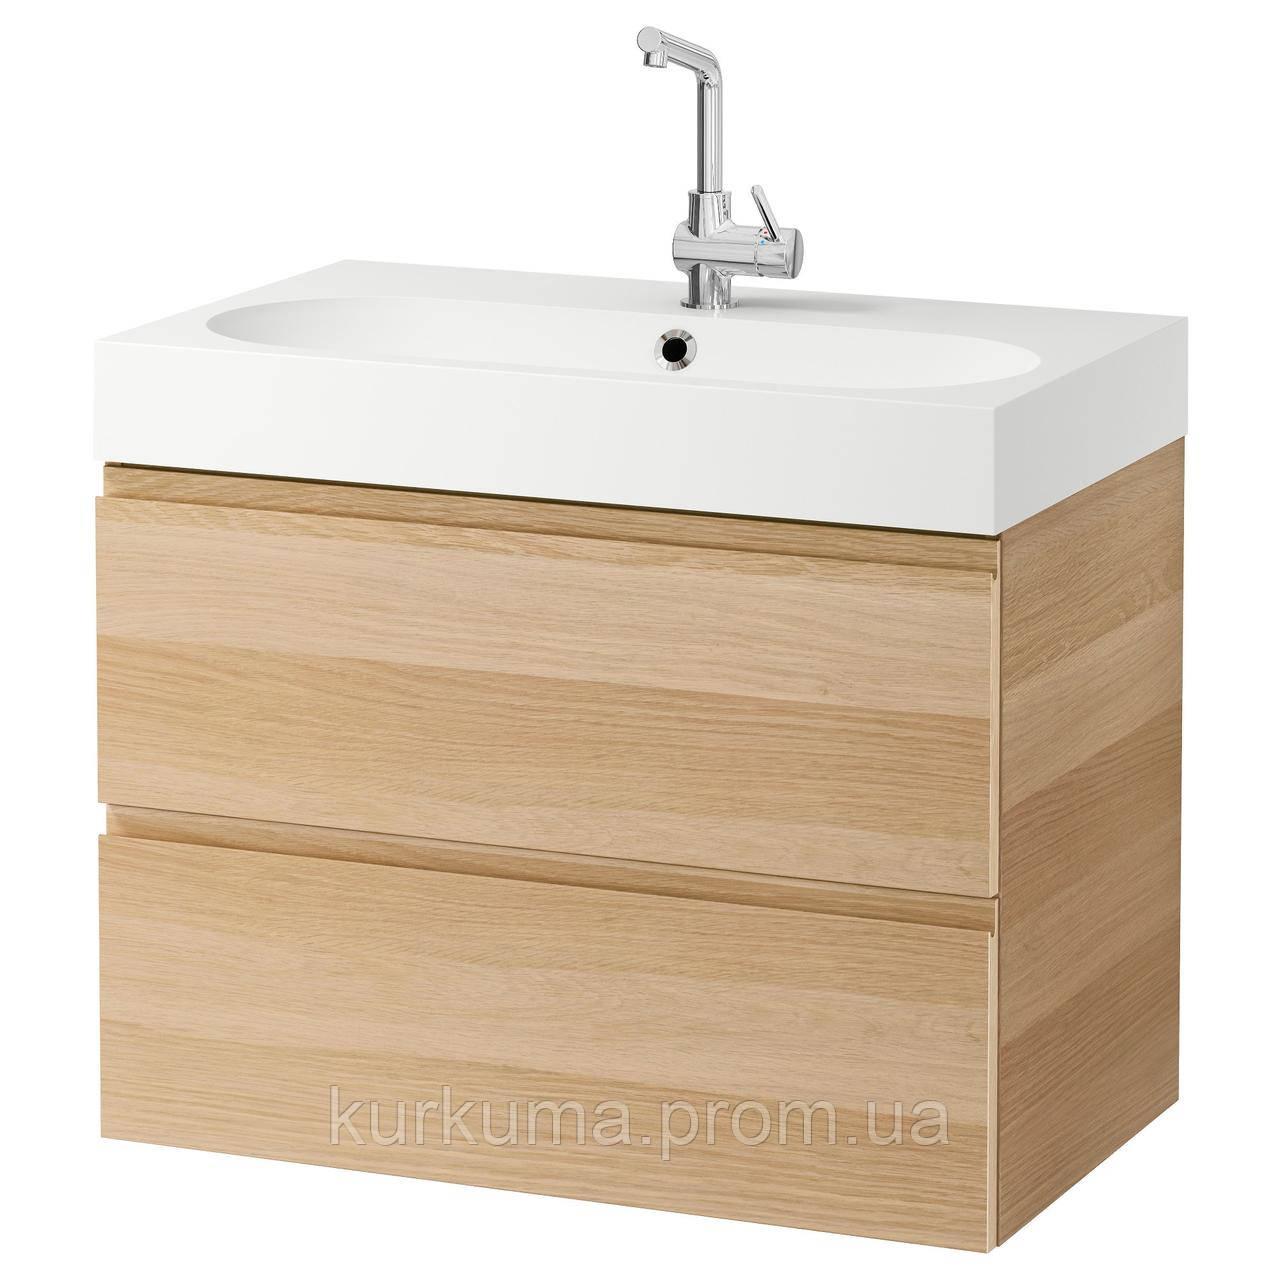 IKEA GODMORGON/BRAVIKEN Шкаф под умывальник с раковиной, дуб окрашенный в белый цвет  (499.030.69)